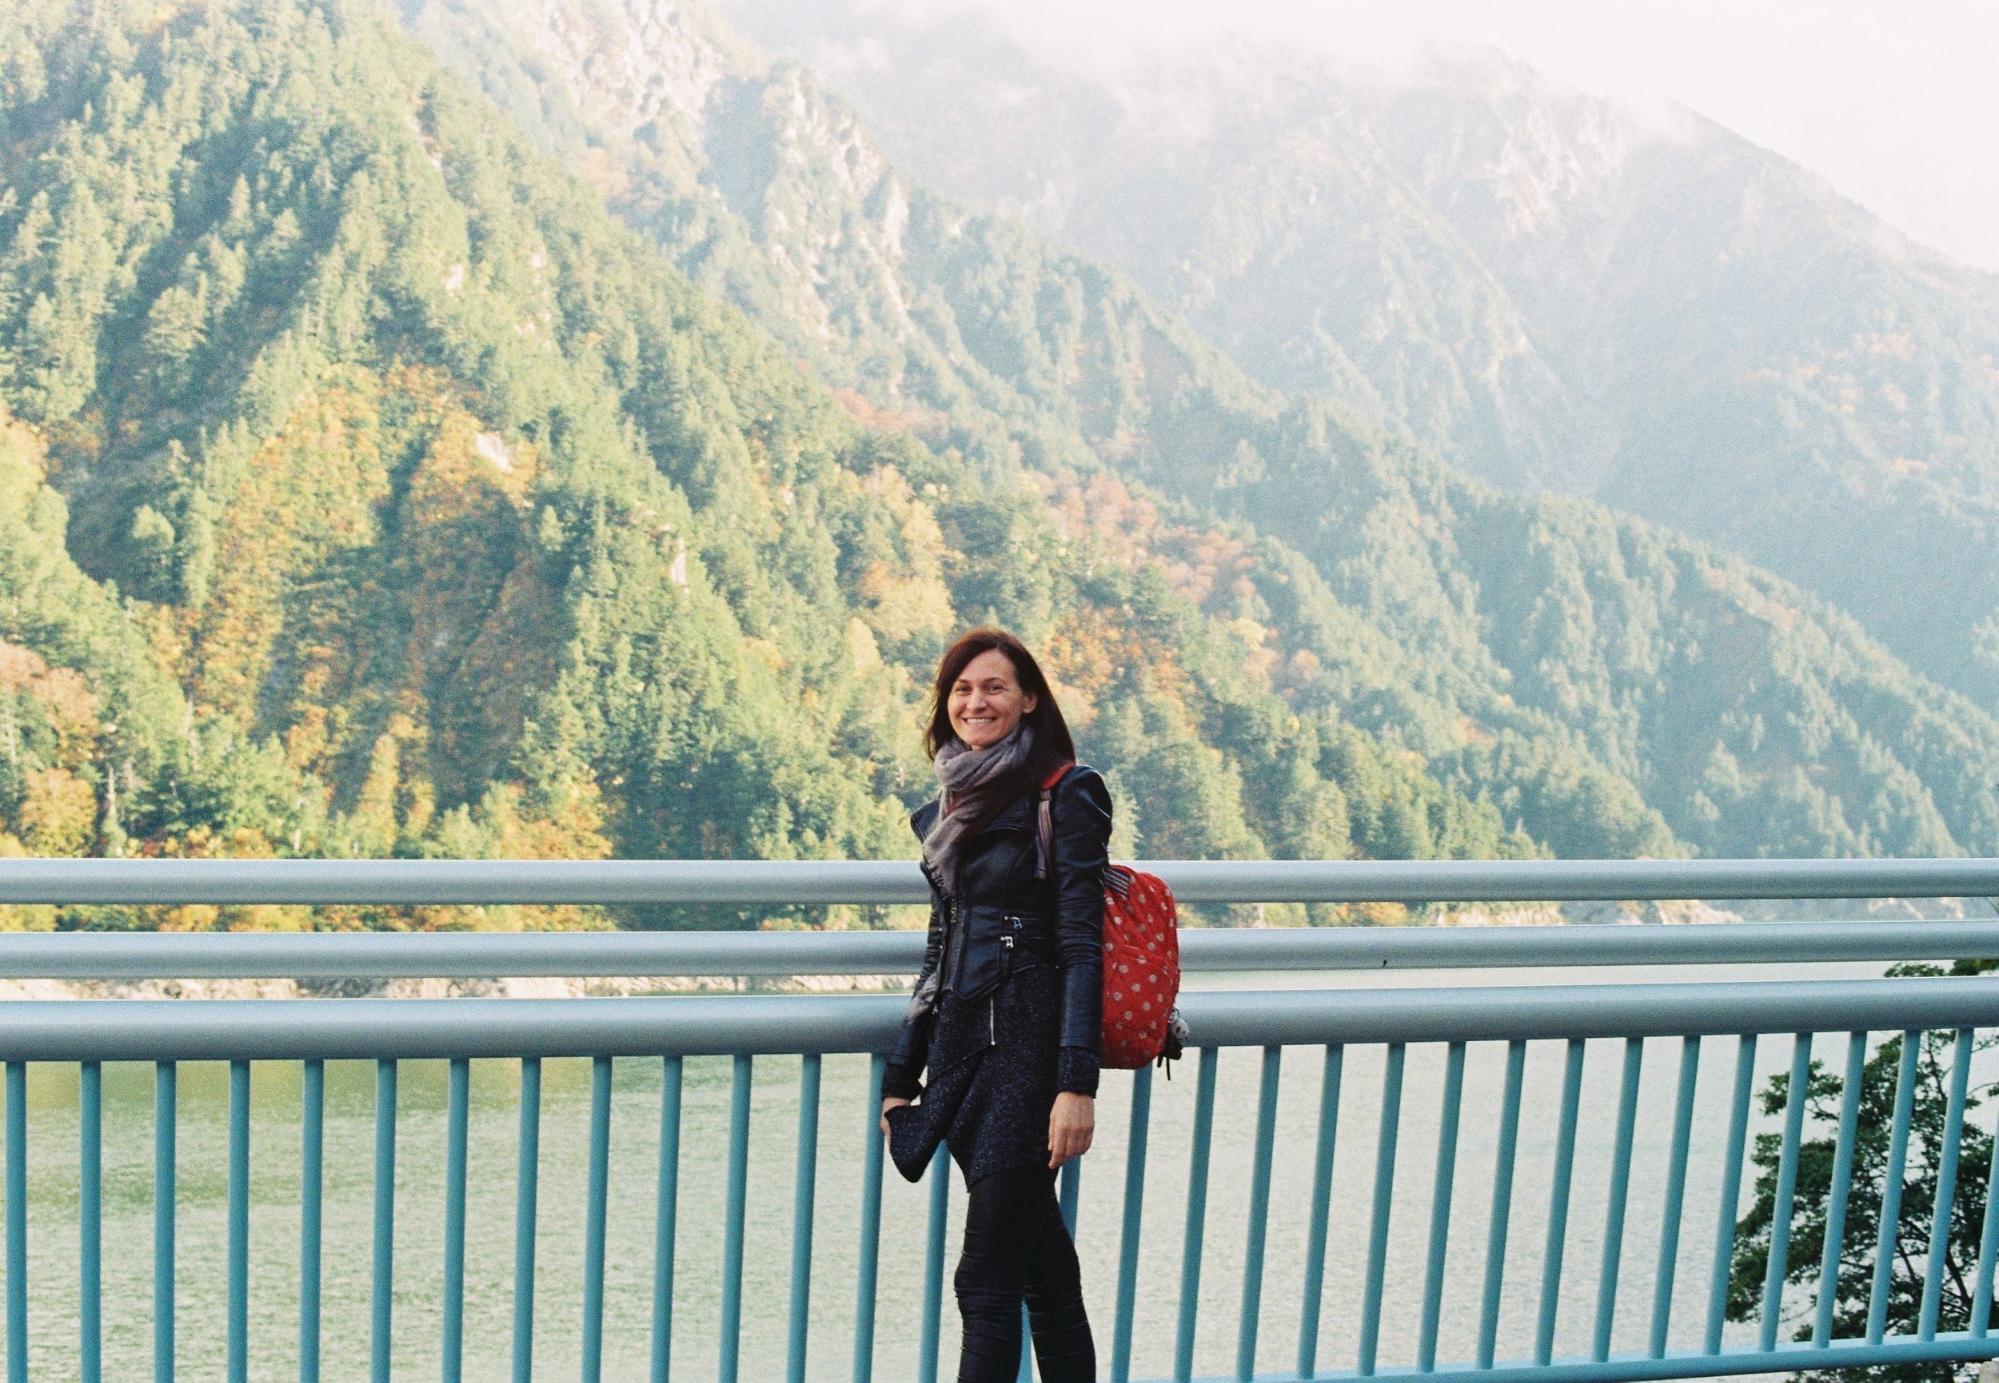 chụp ảnh người bạn romania ở đập kurobe